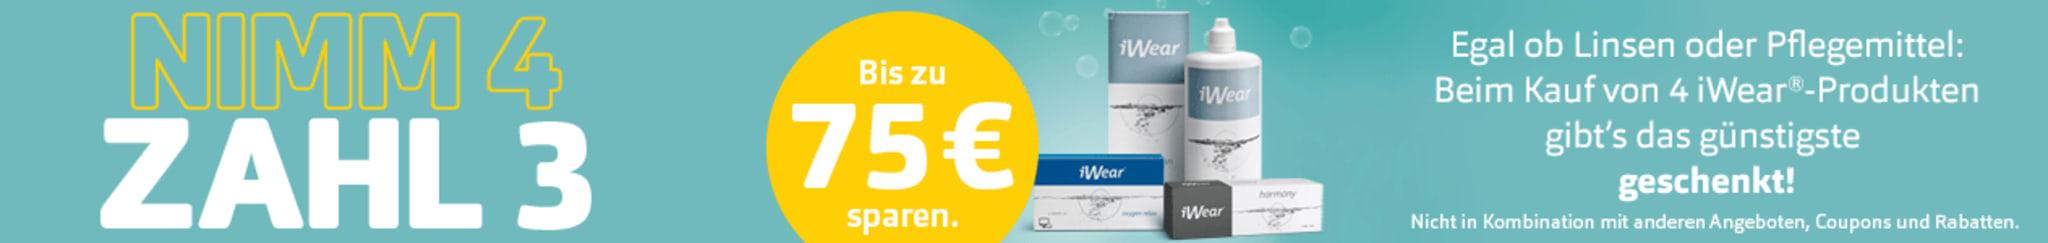 Bis zu 75€ sparen: 4 iWear-Produkte kaufen und nur 3 bezahlen.